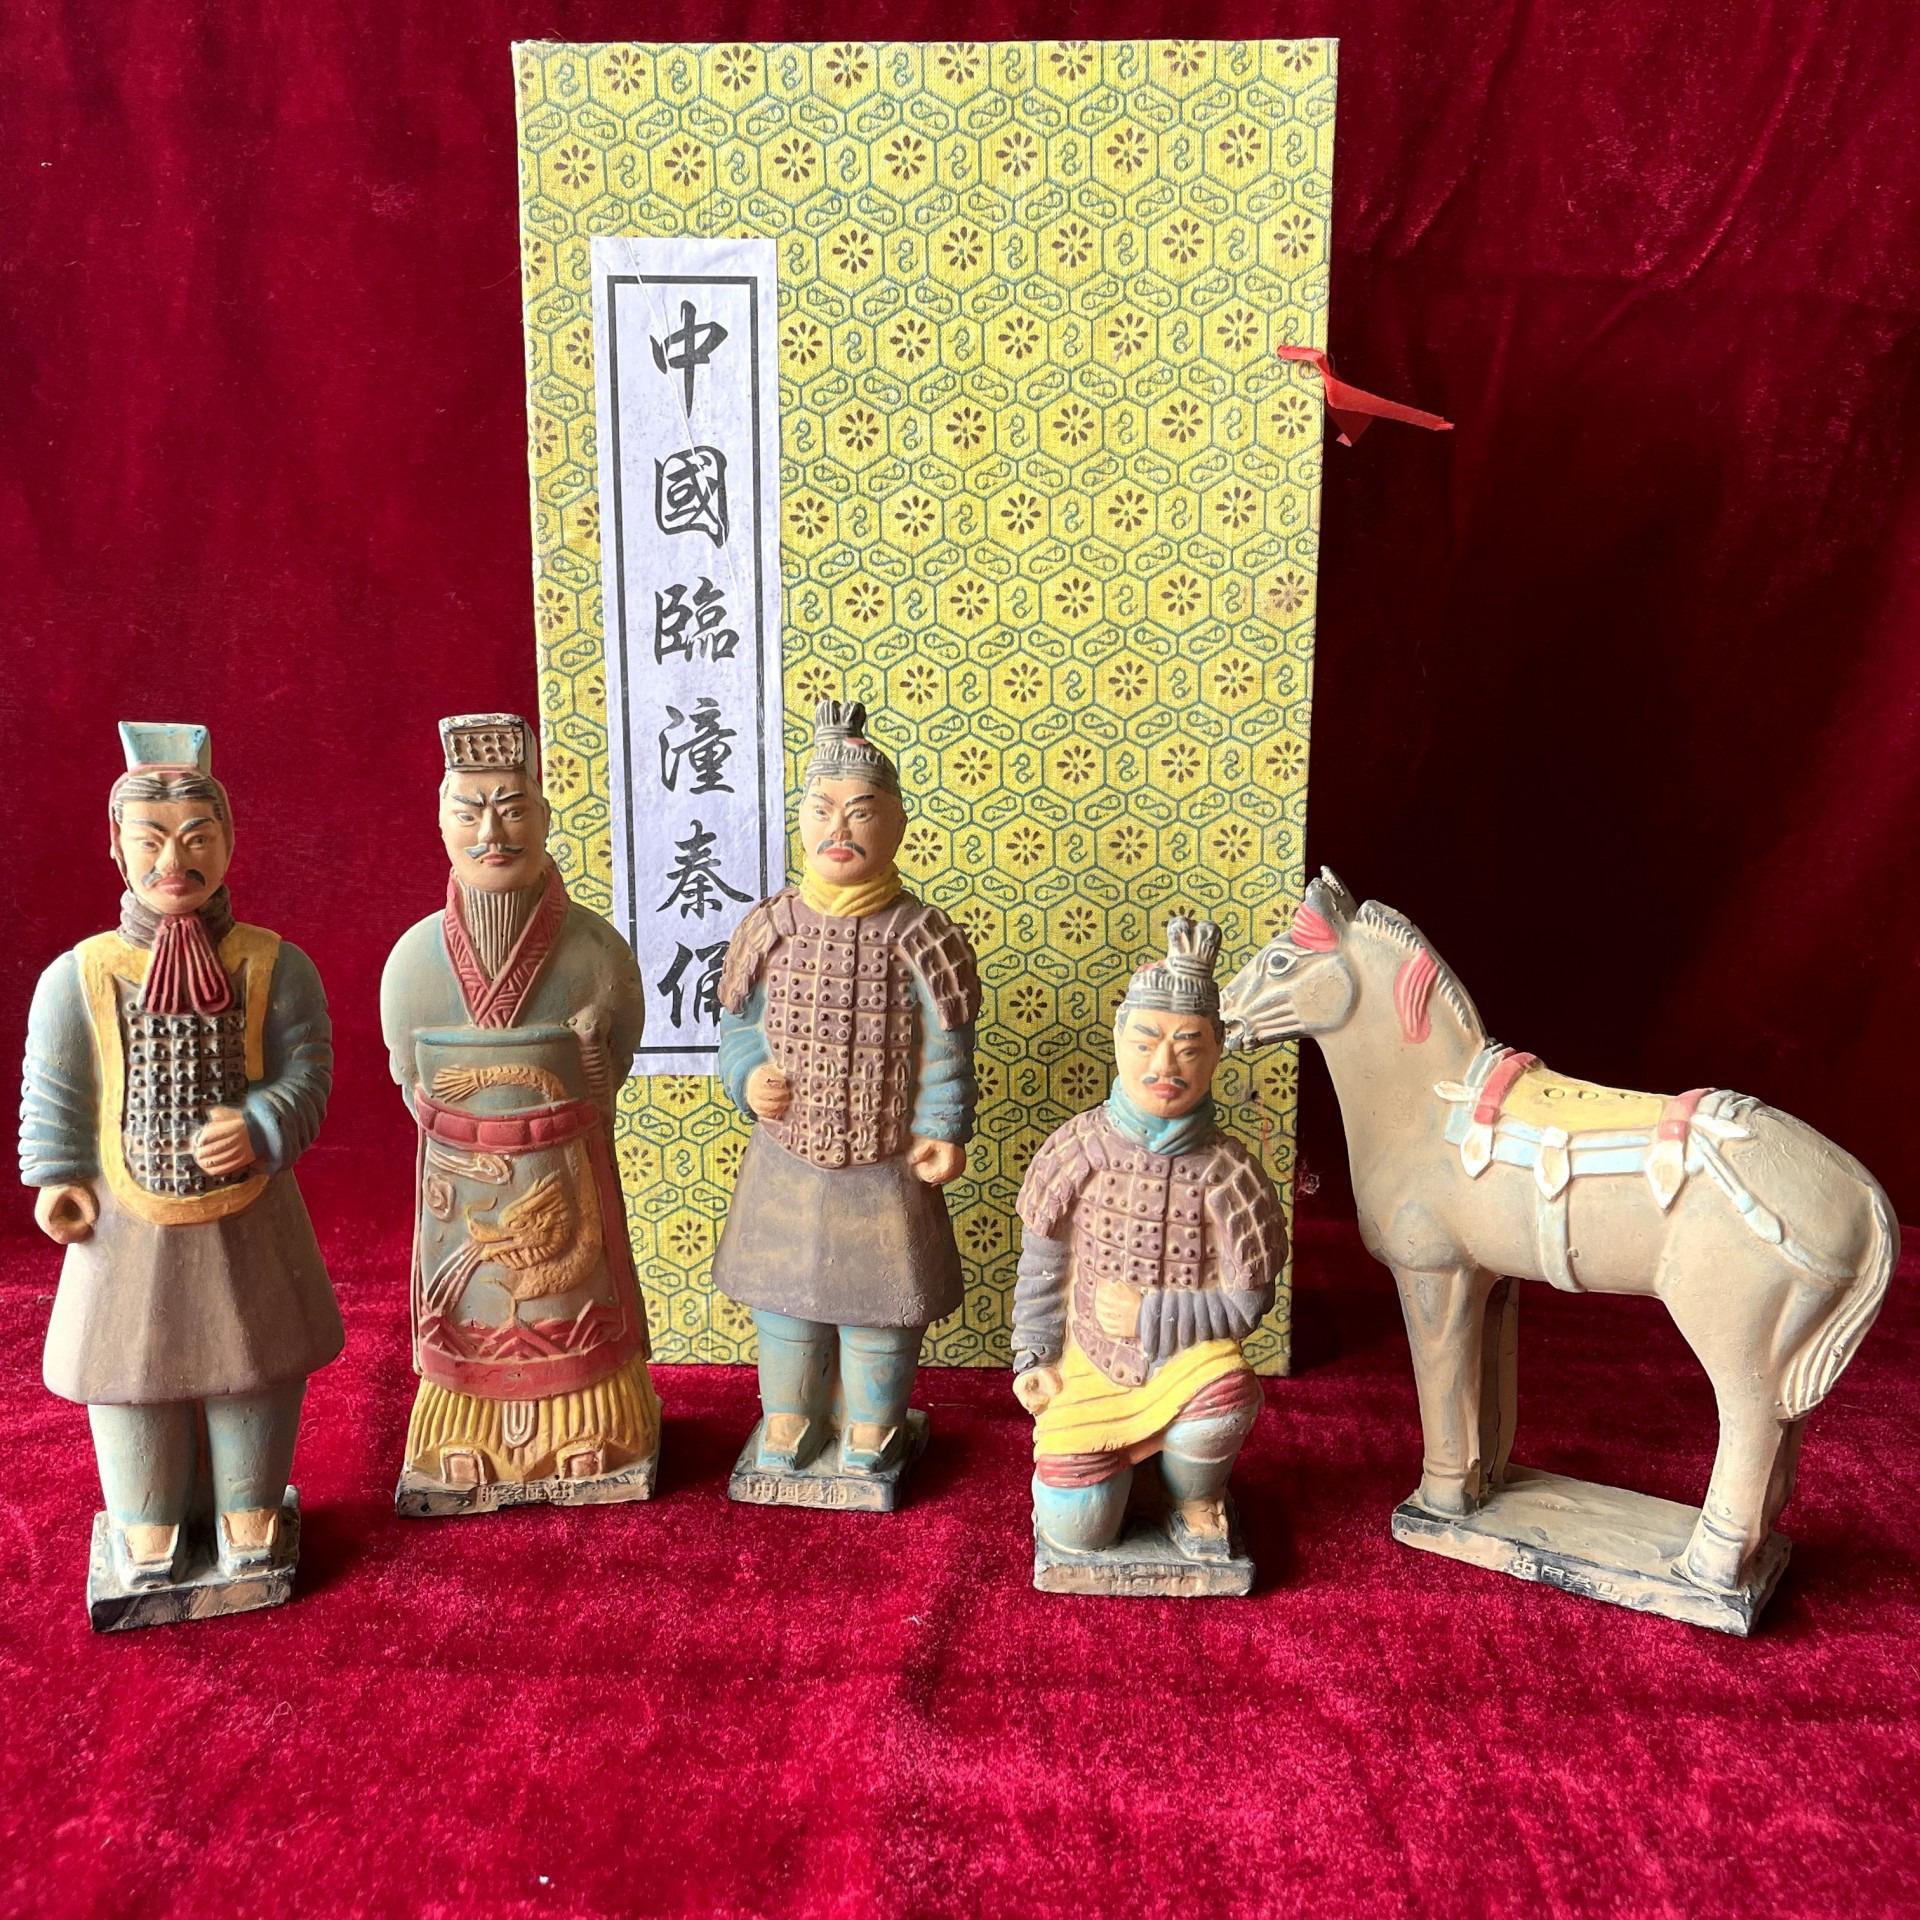 兵马俑五件套盒装10至15cm小俑西安纪念品中国传统工艺品原创设计厂家直警察们很有纪律销